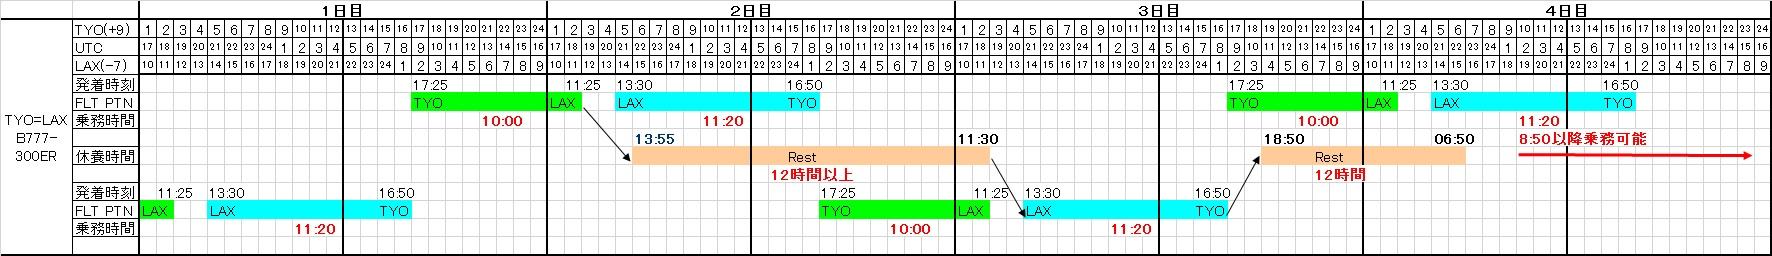 東京=ロサンゼルス線の基本乗務パターン